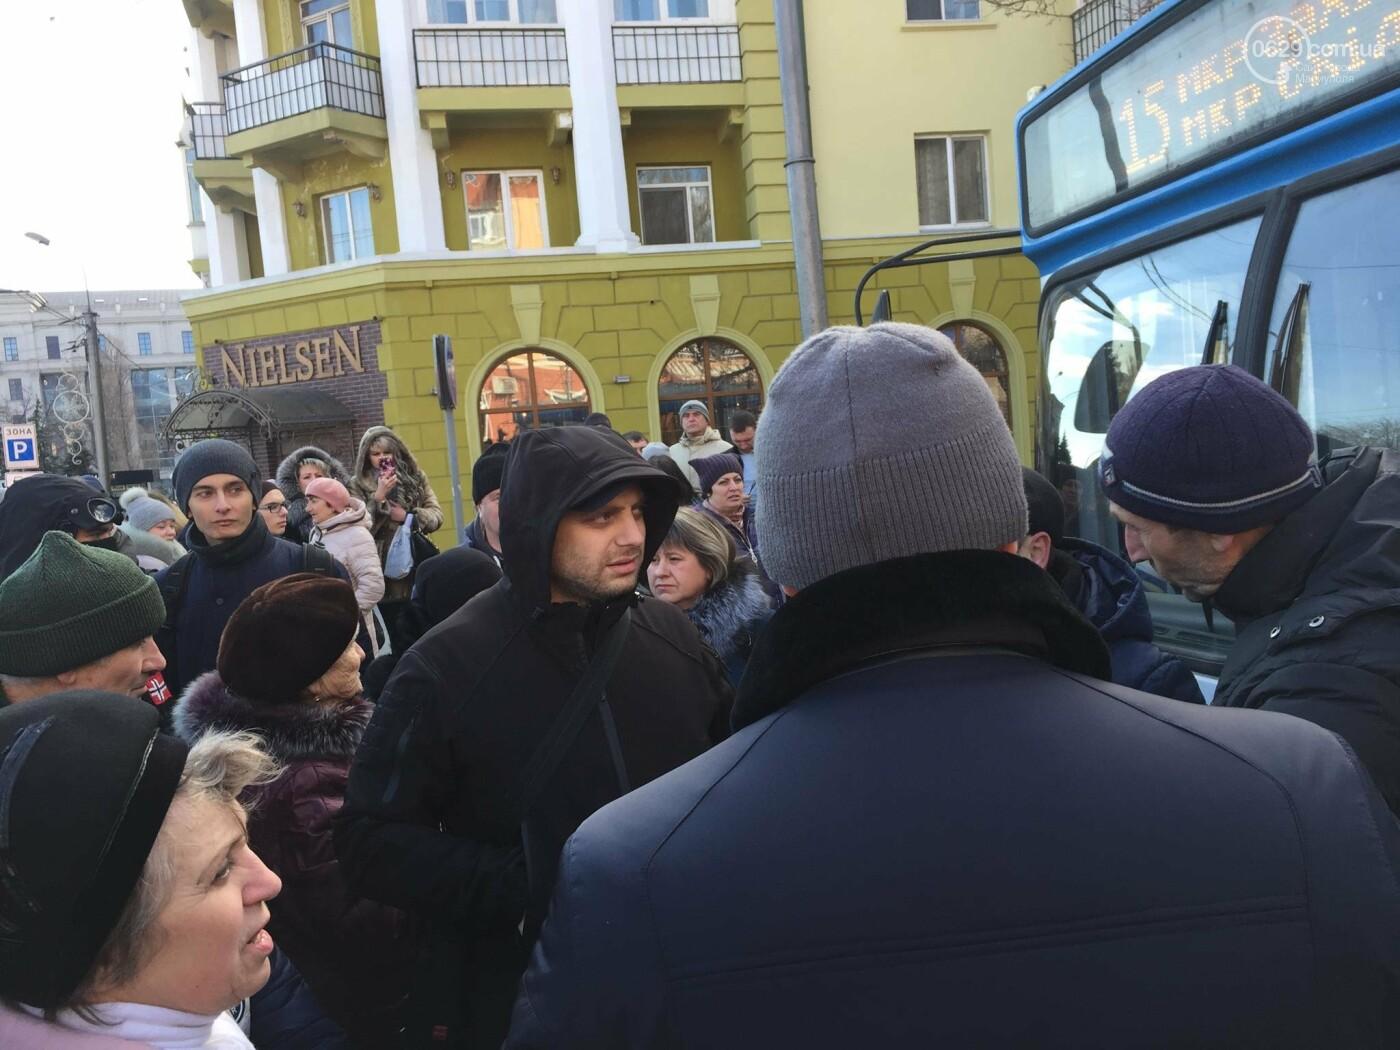 Мариупольцы митингуют против повышения тарифов на проезд, - ФОТО, ВИДЕО, Дополняется, фото-2